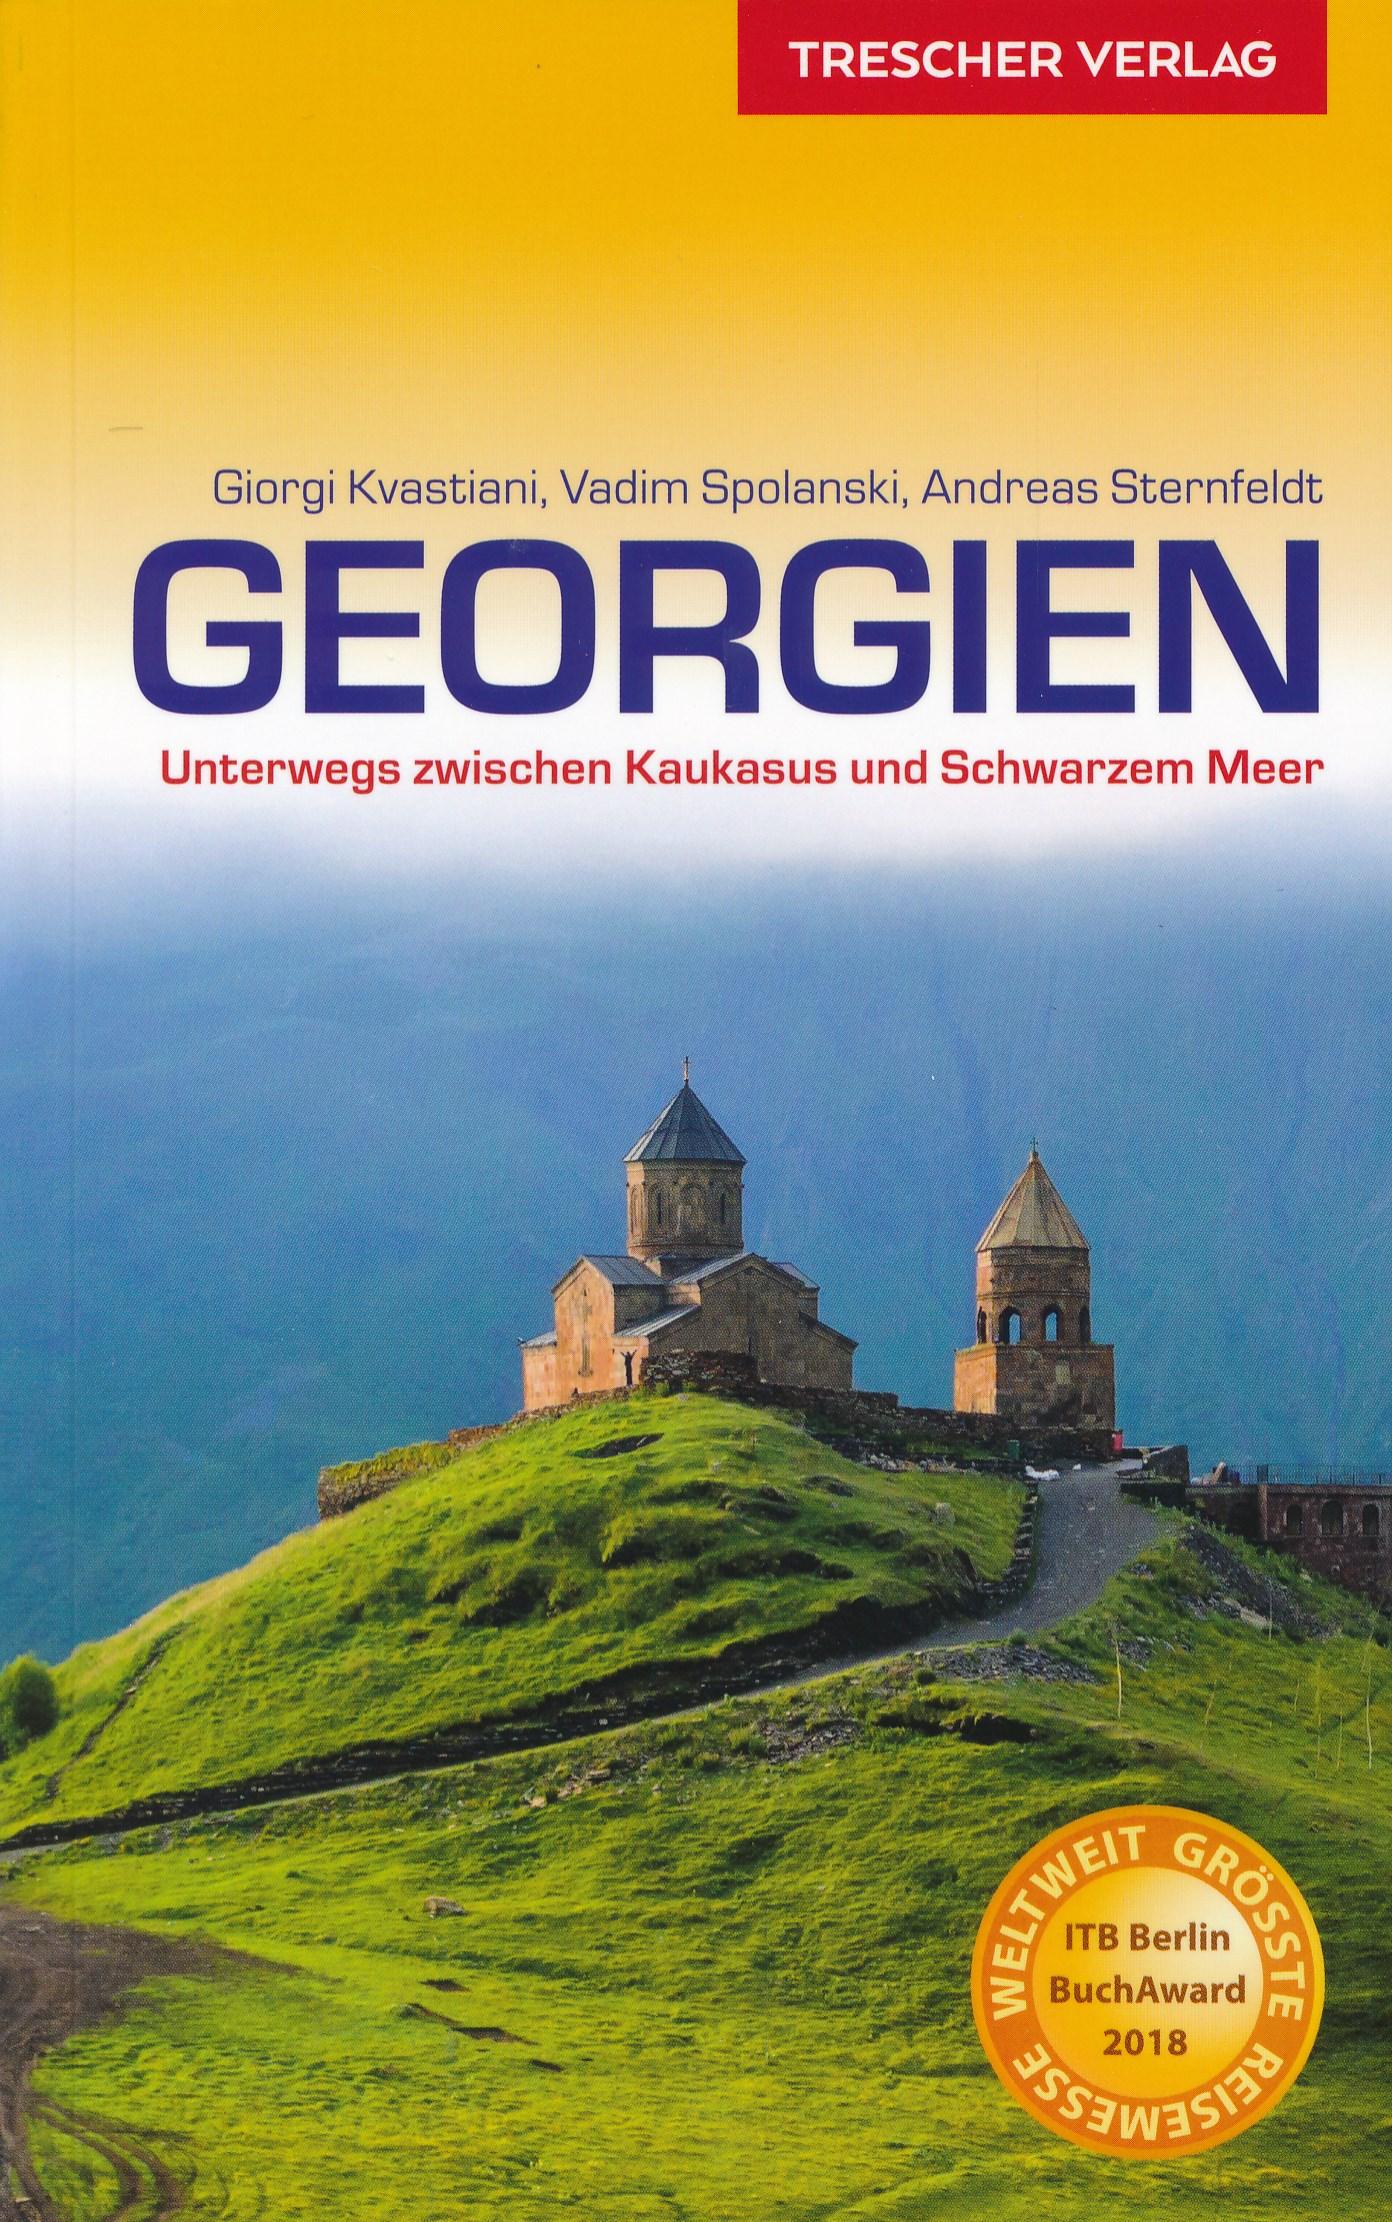 Reisgids Georgien - Georgië | Trescher Verlag